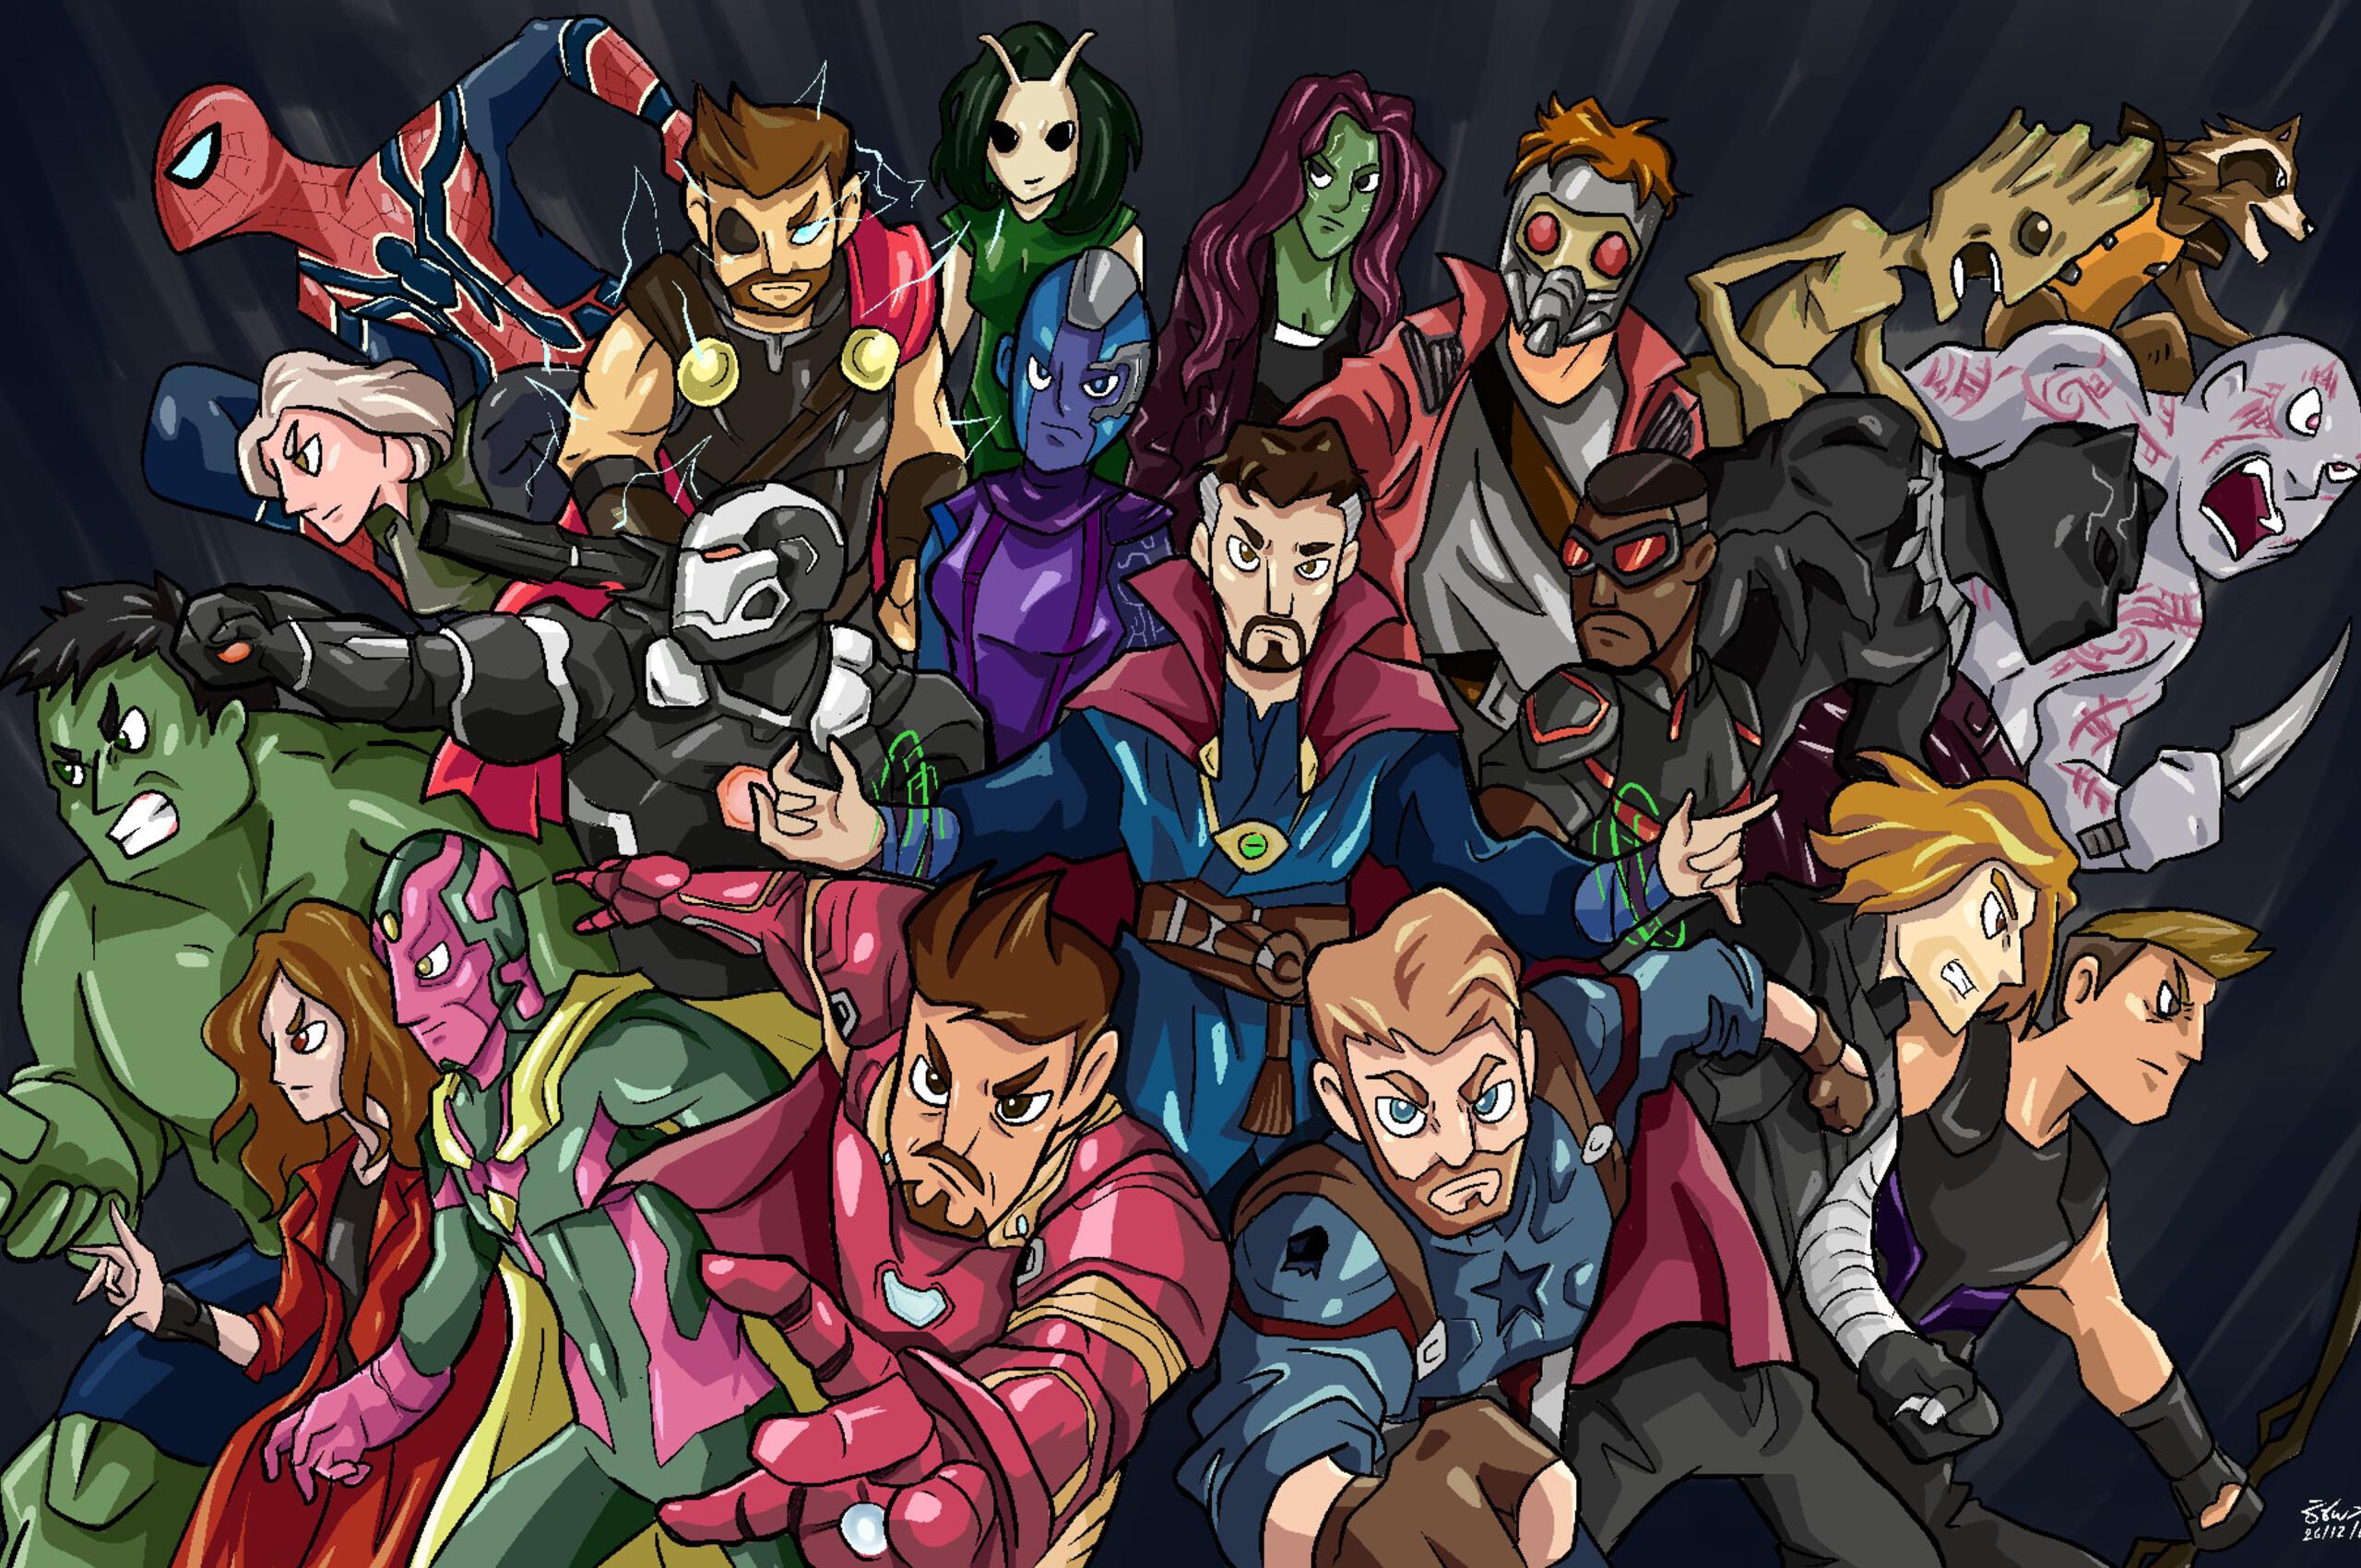 2560x1700 Avengers Infinity War Hero Side Fan Art Chromebook